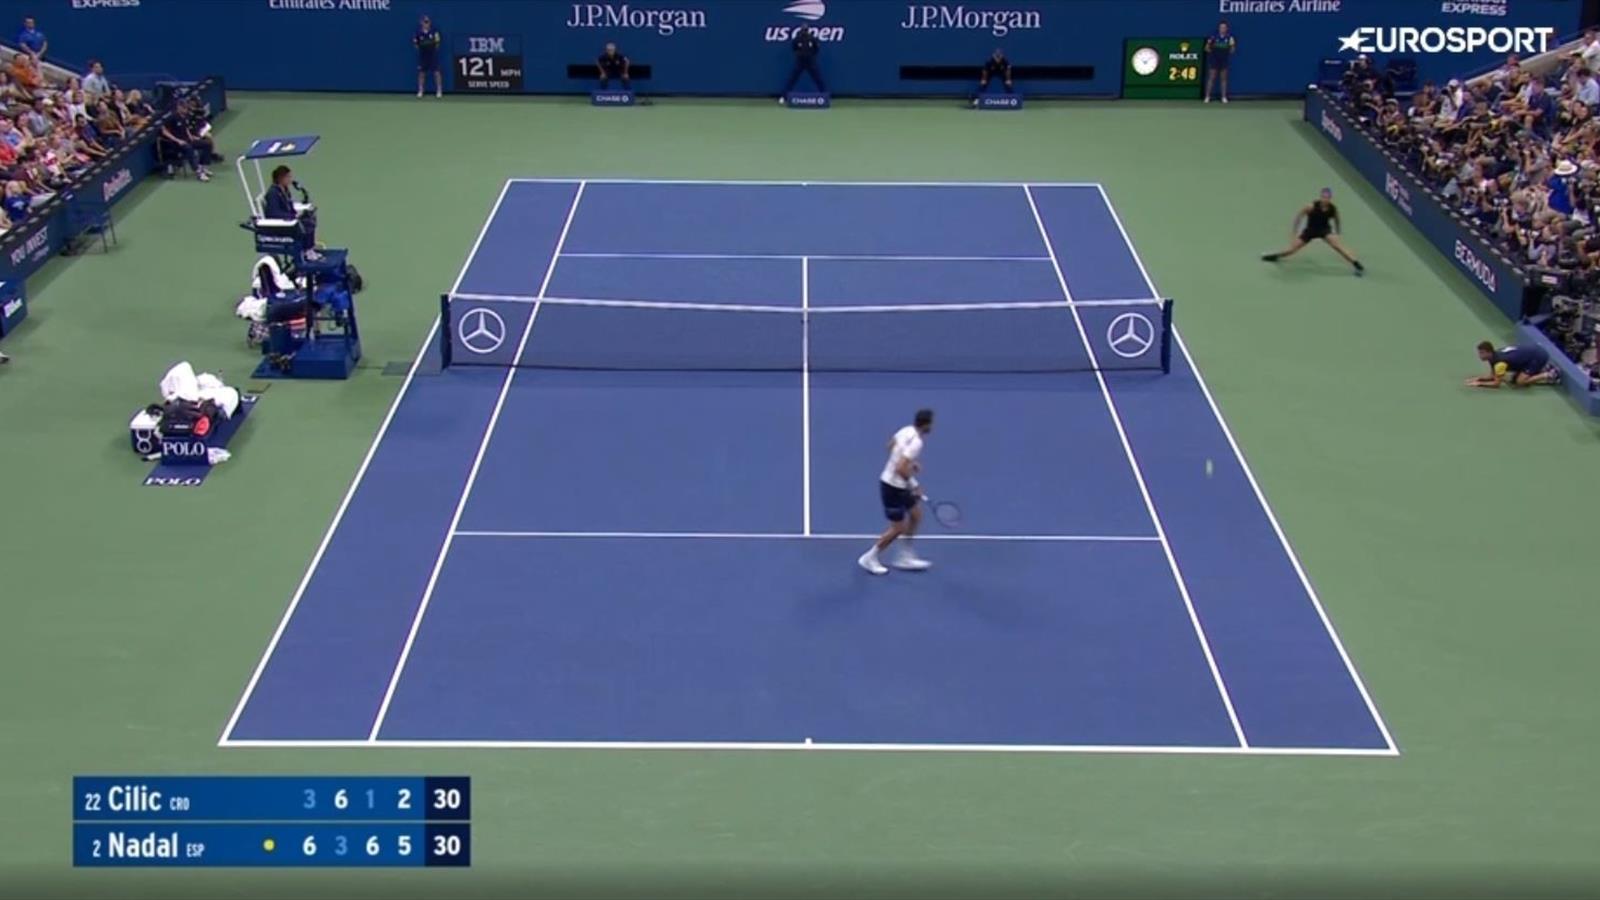 Крутой розыгрыш от Рафаэля Надаля (видео) - US Open - Eurosport.ru